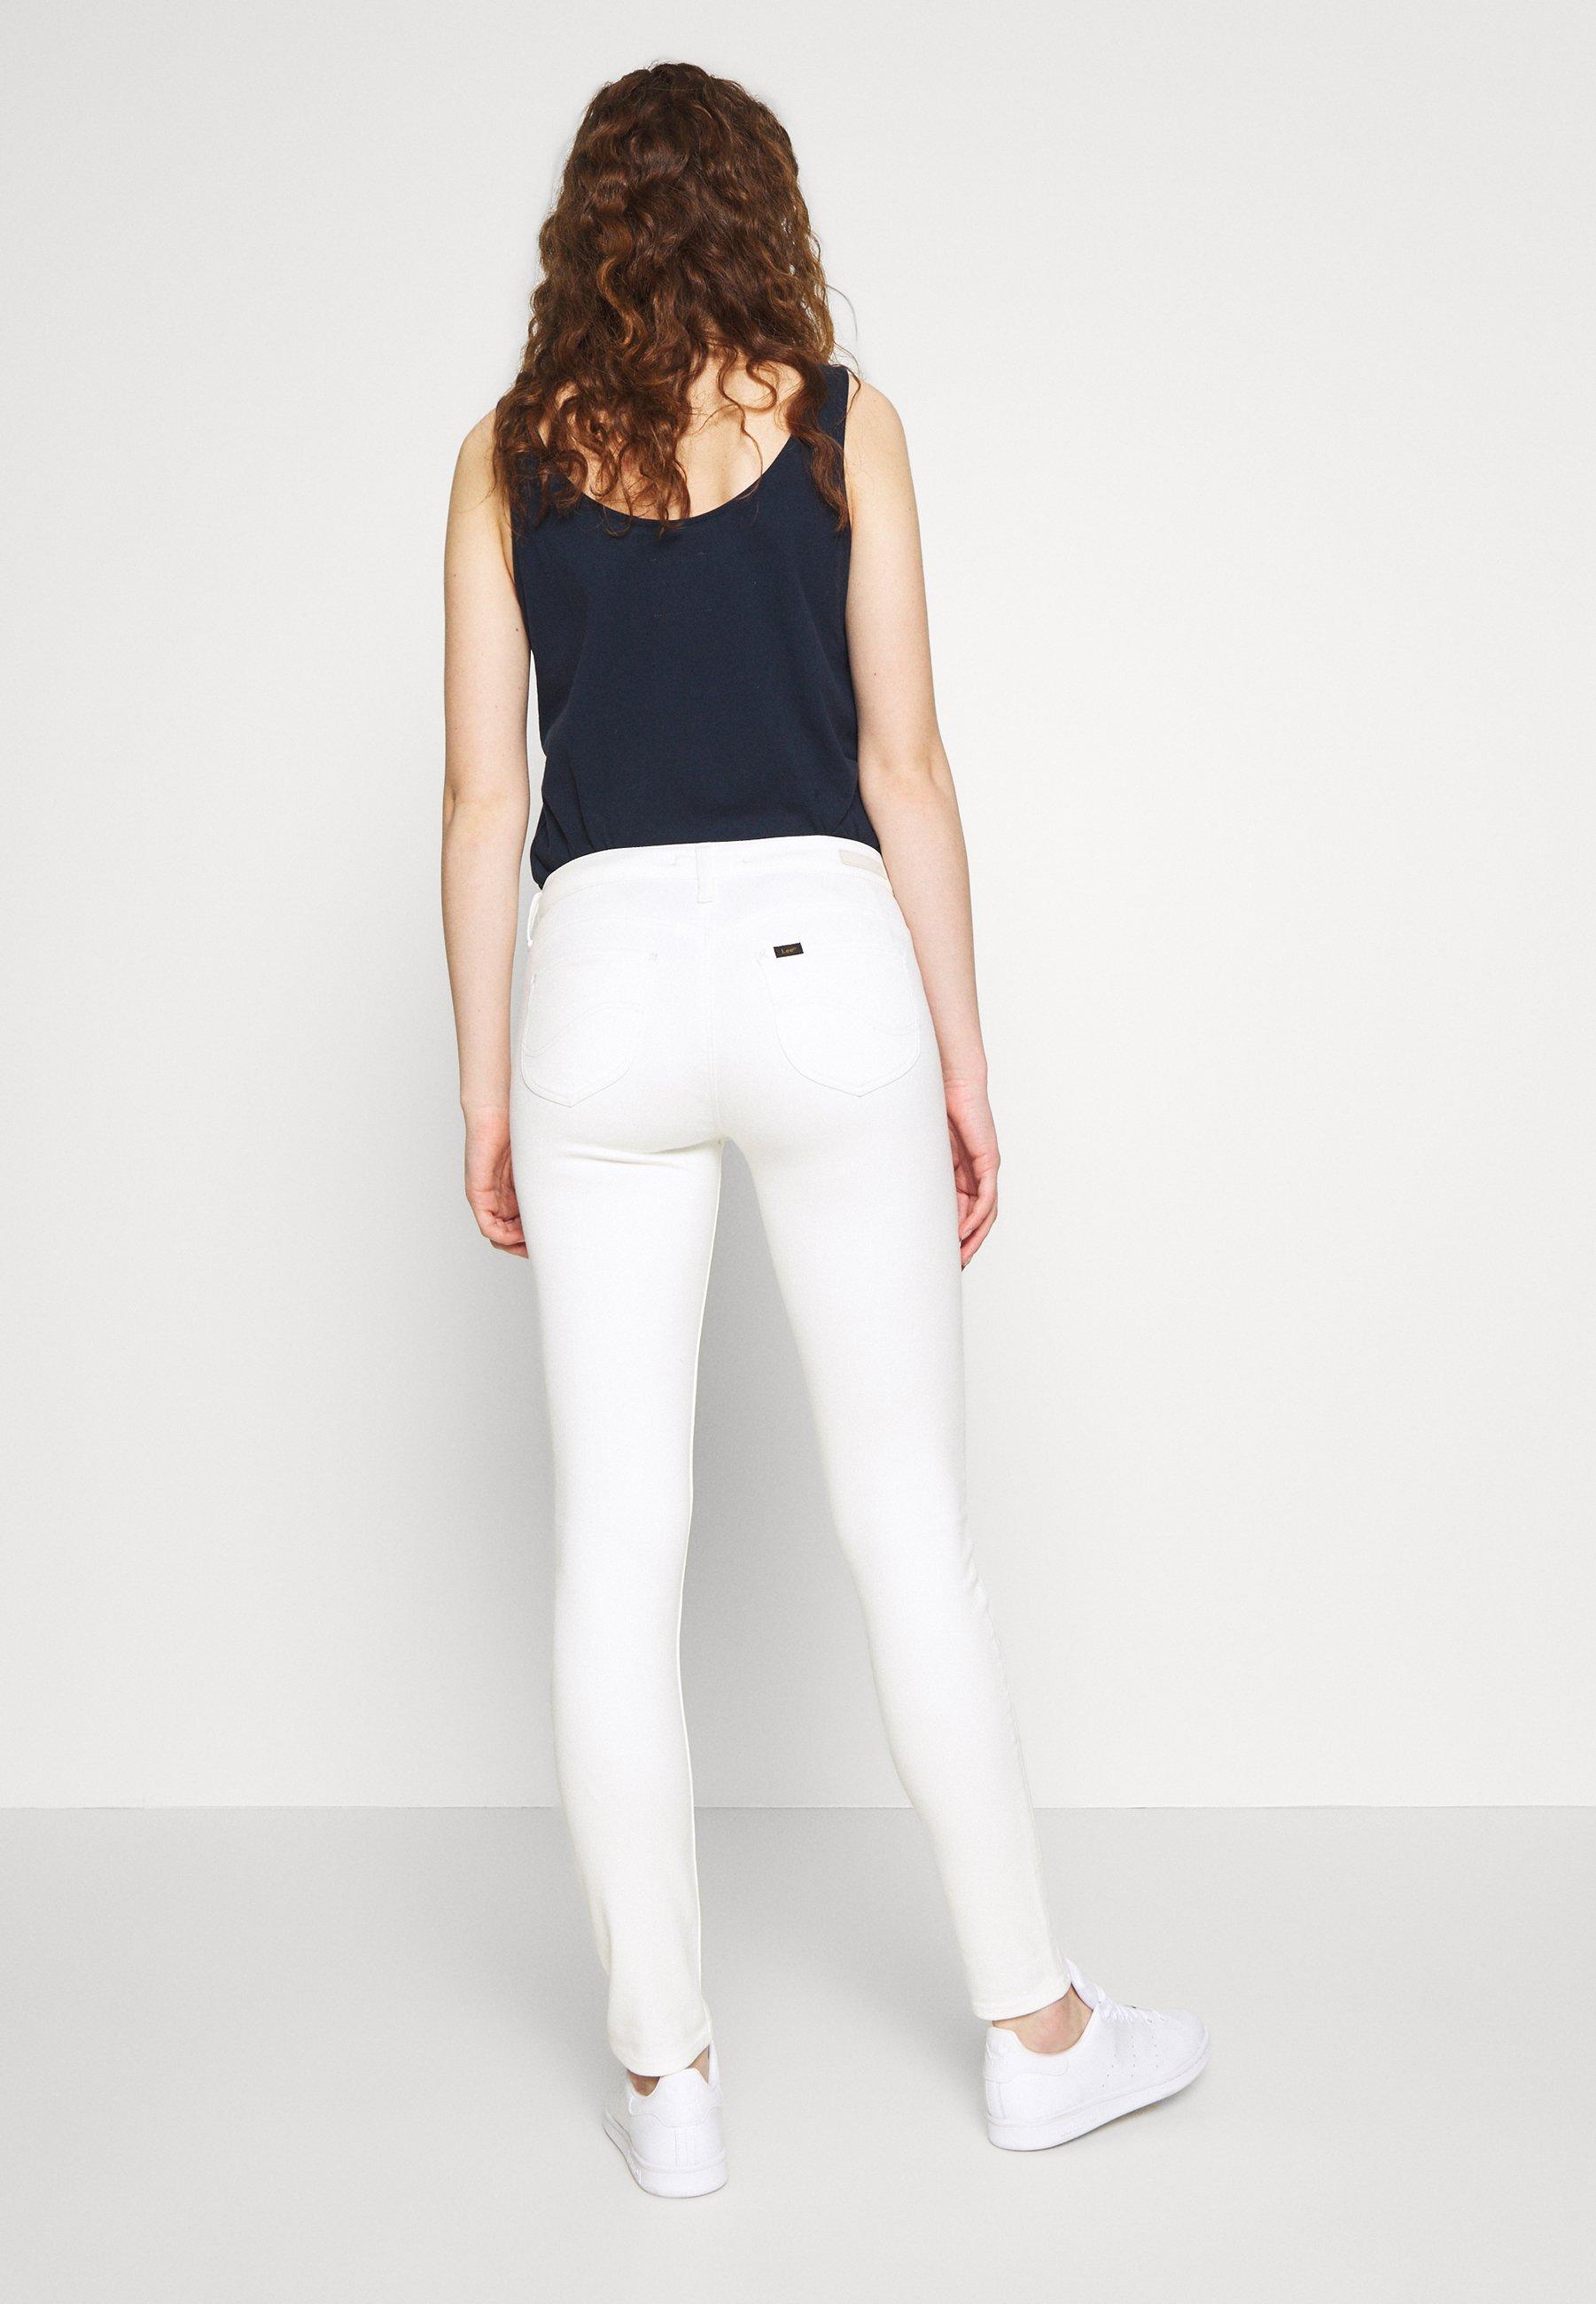 Lee SCARLETT BODY OPTIX - Jeans Skinny - ecru - Jeans Femme avN6a